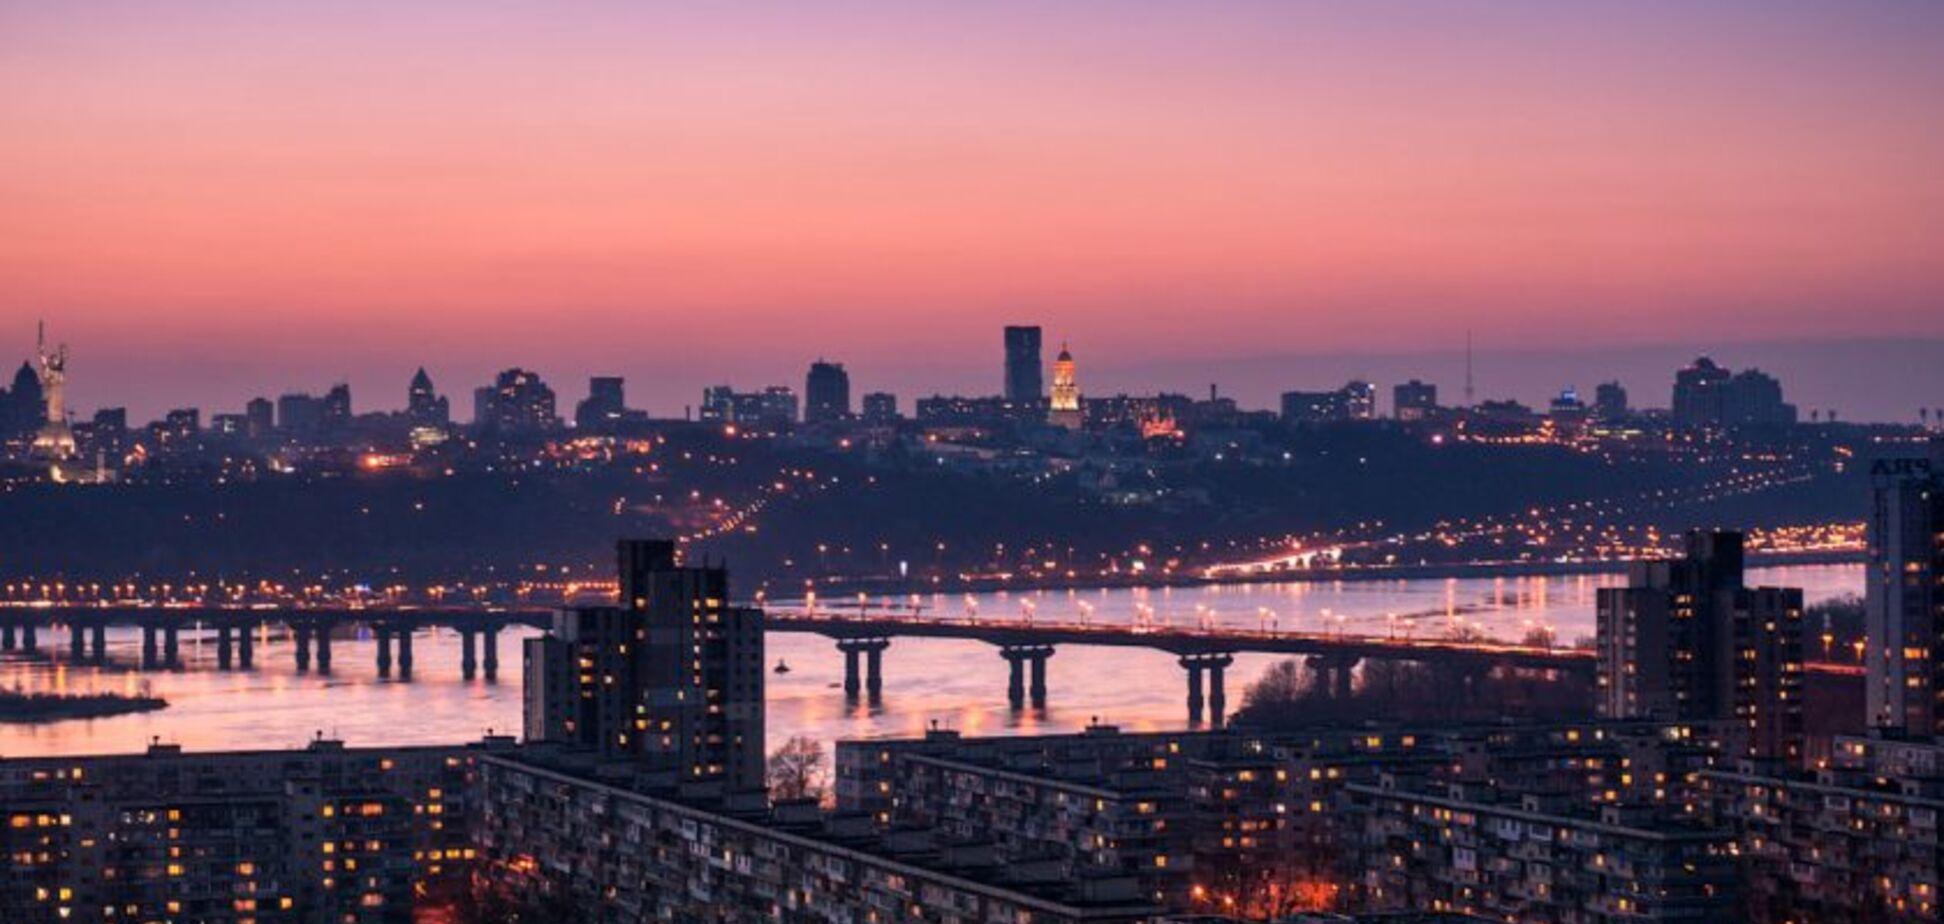 Огни мегаполиса: как выглядит ночной Киев с высоты